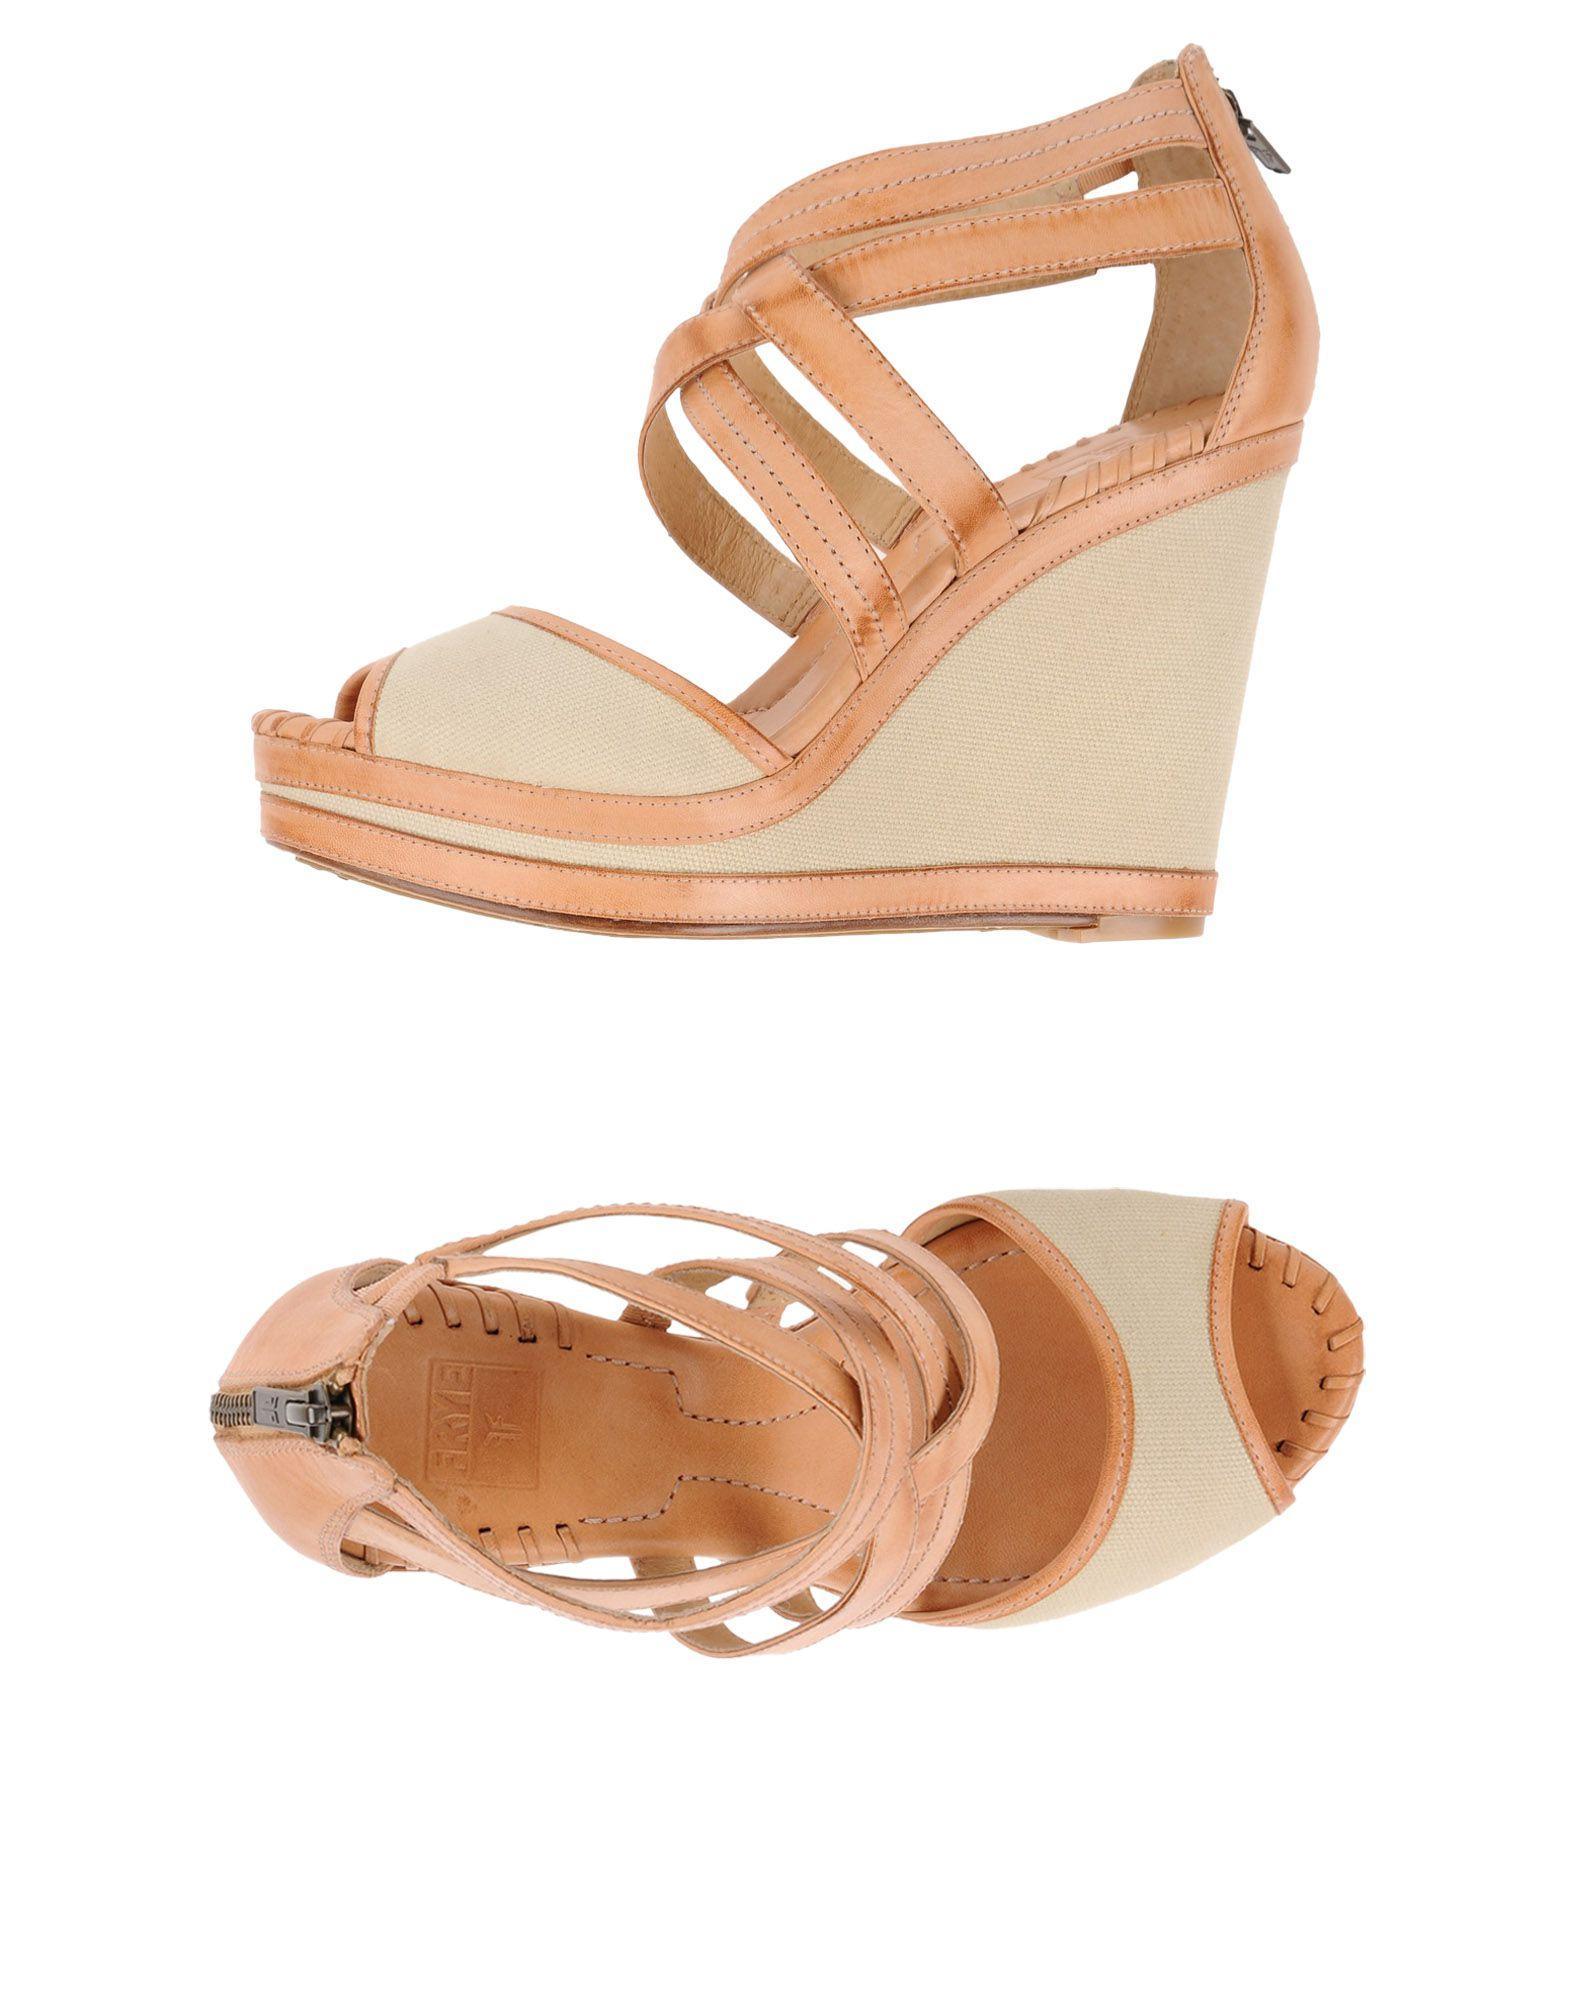 Do Capezio Tap Shoes Run True To Size